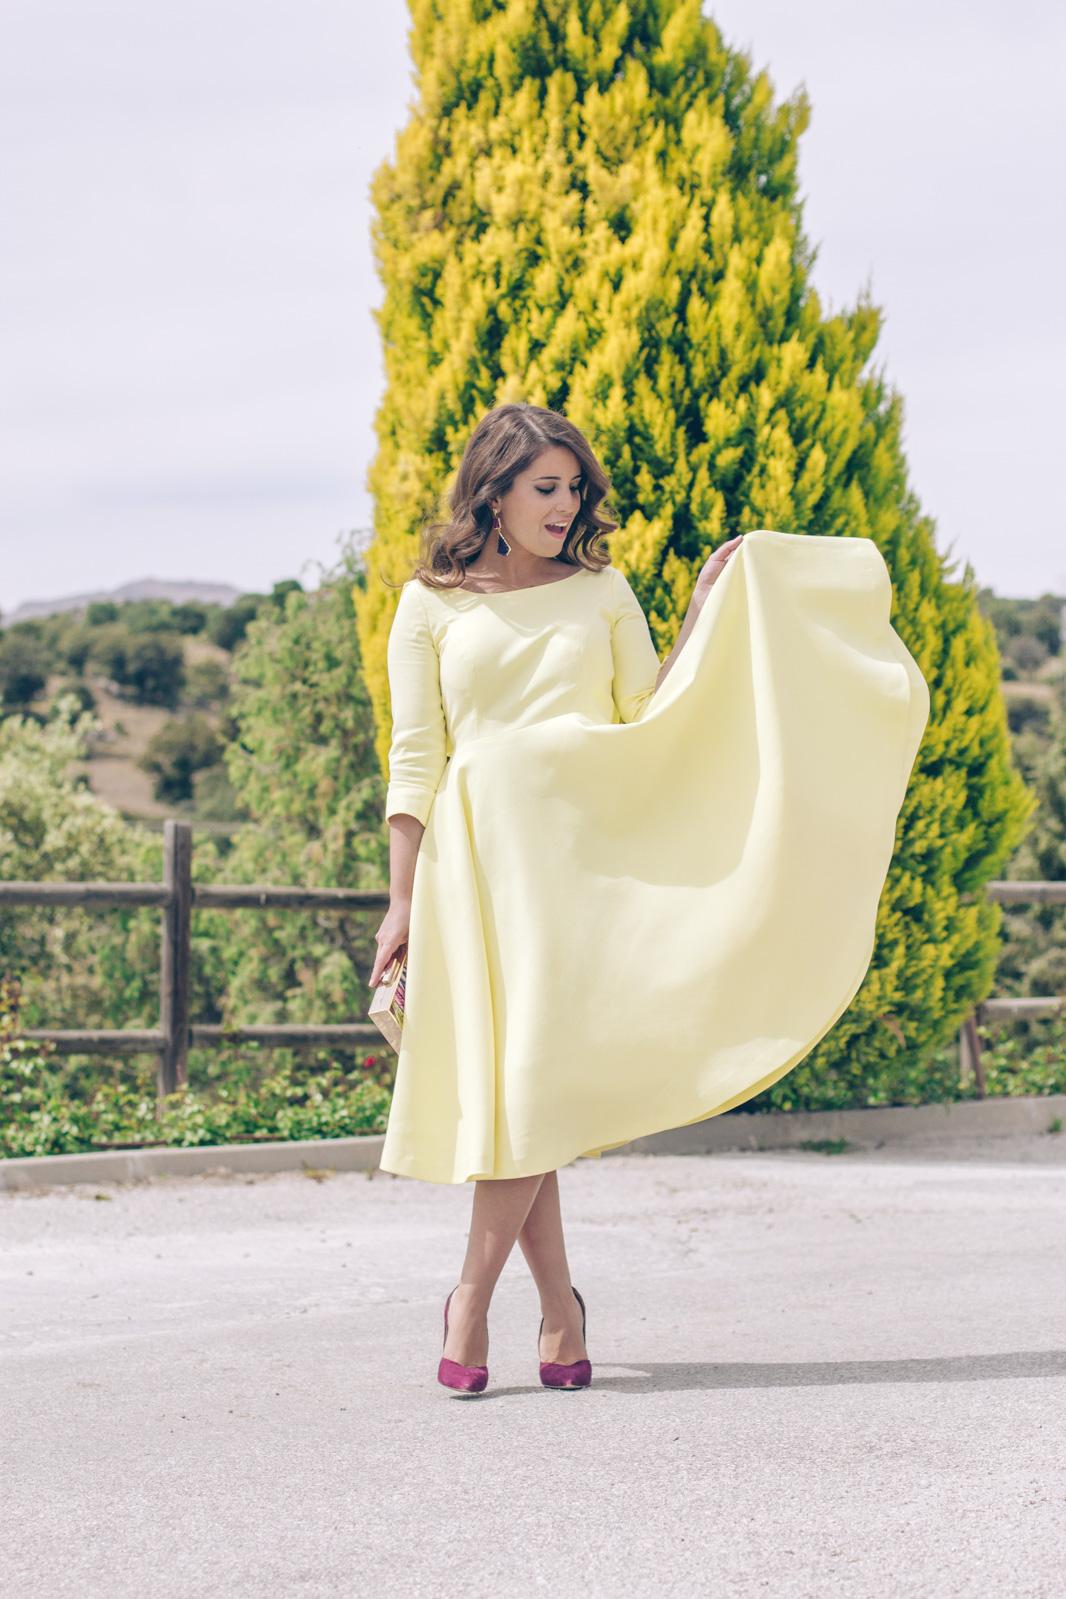 loreto_made_in_style_look_invitada_carmen_carcelen_vestido_boda_amarillo_midi_mole_mole_pendientes_acus-24